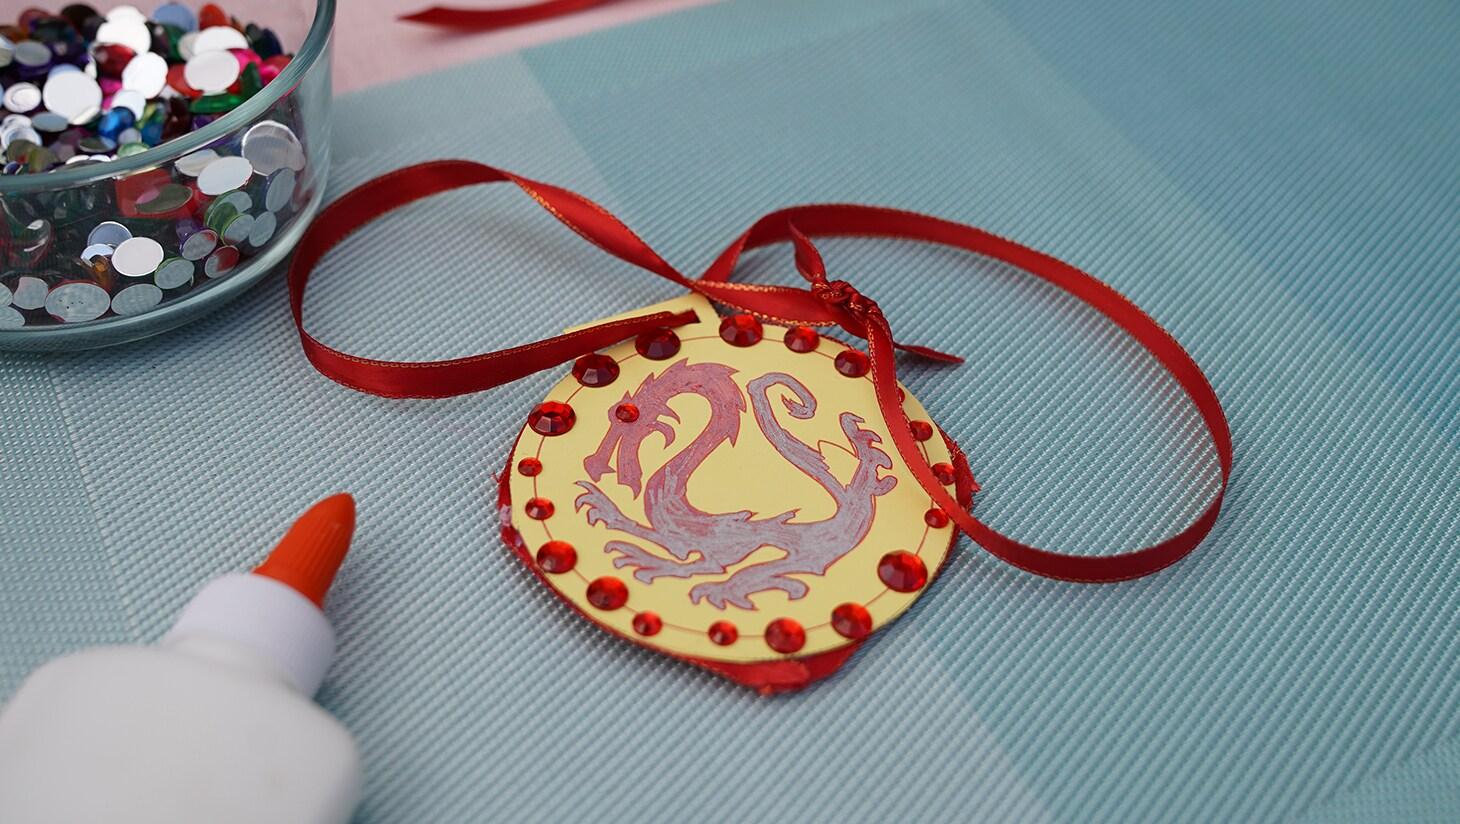 Mulan dragon necklace activity still image